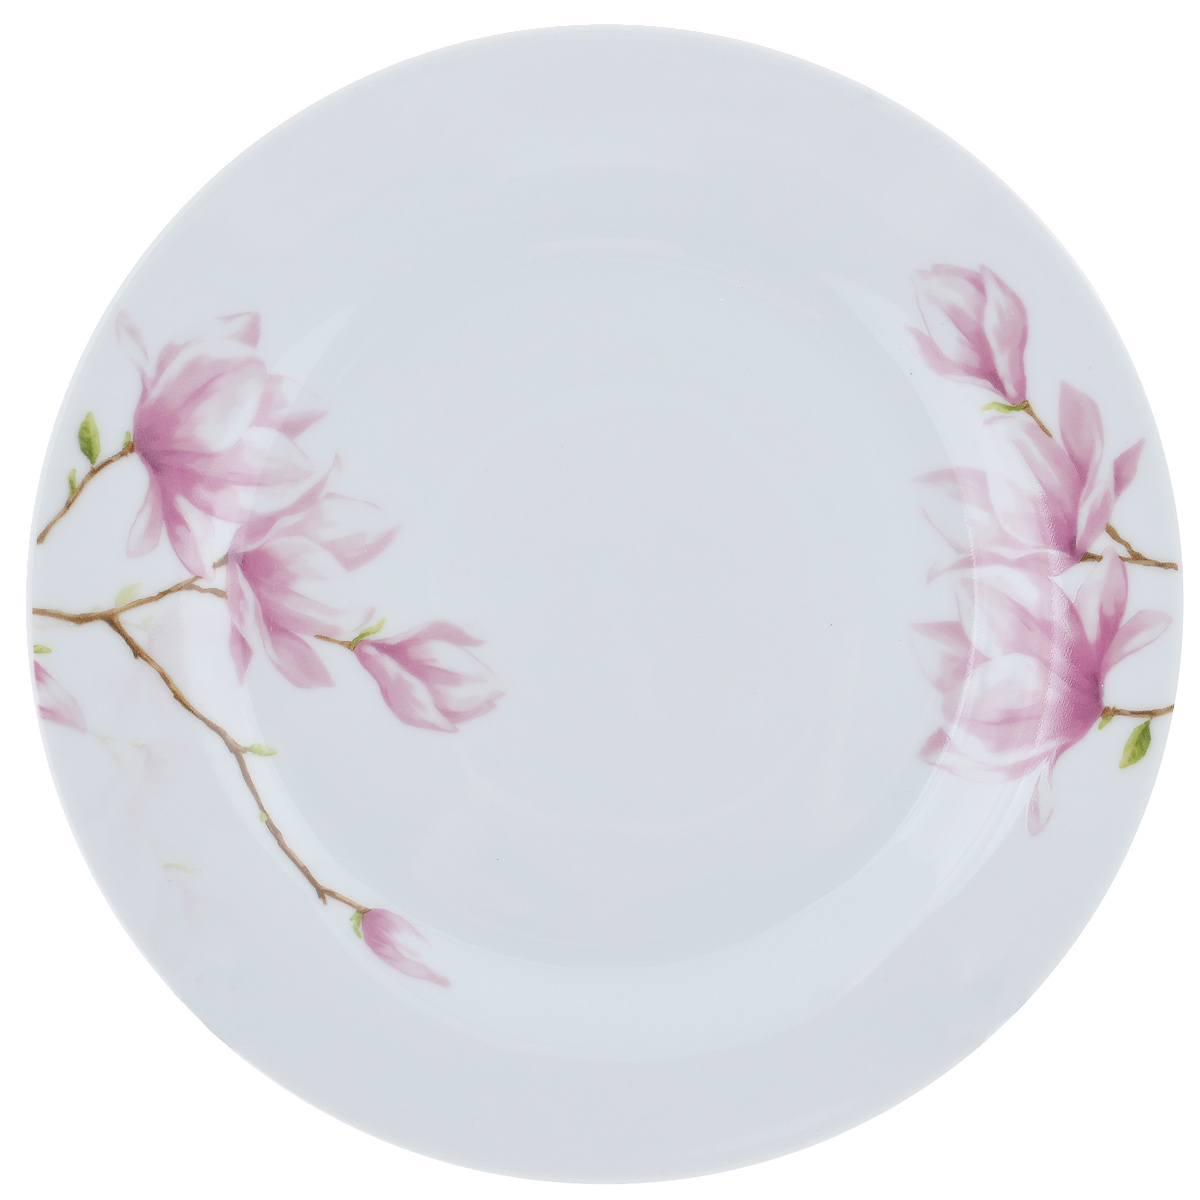 Тарелка для горячего Ваниль, диаметр 23 смDNDSS-B009-1Тарелка Ваниль изготовлена из высококачественного фаянса, покрытого слоем сверкающей глазури. Предназначена для подачи вторых блюд. Изделие декорировано изящным изображением розовых цветов.Такая тарелка украсит сервировку стола и подчеркнет прекрасный вкус хозяйки. Можно мыть в посудомоечной машине и использовать в СВЧ.Диаметр тарелки: 23 см.